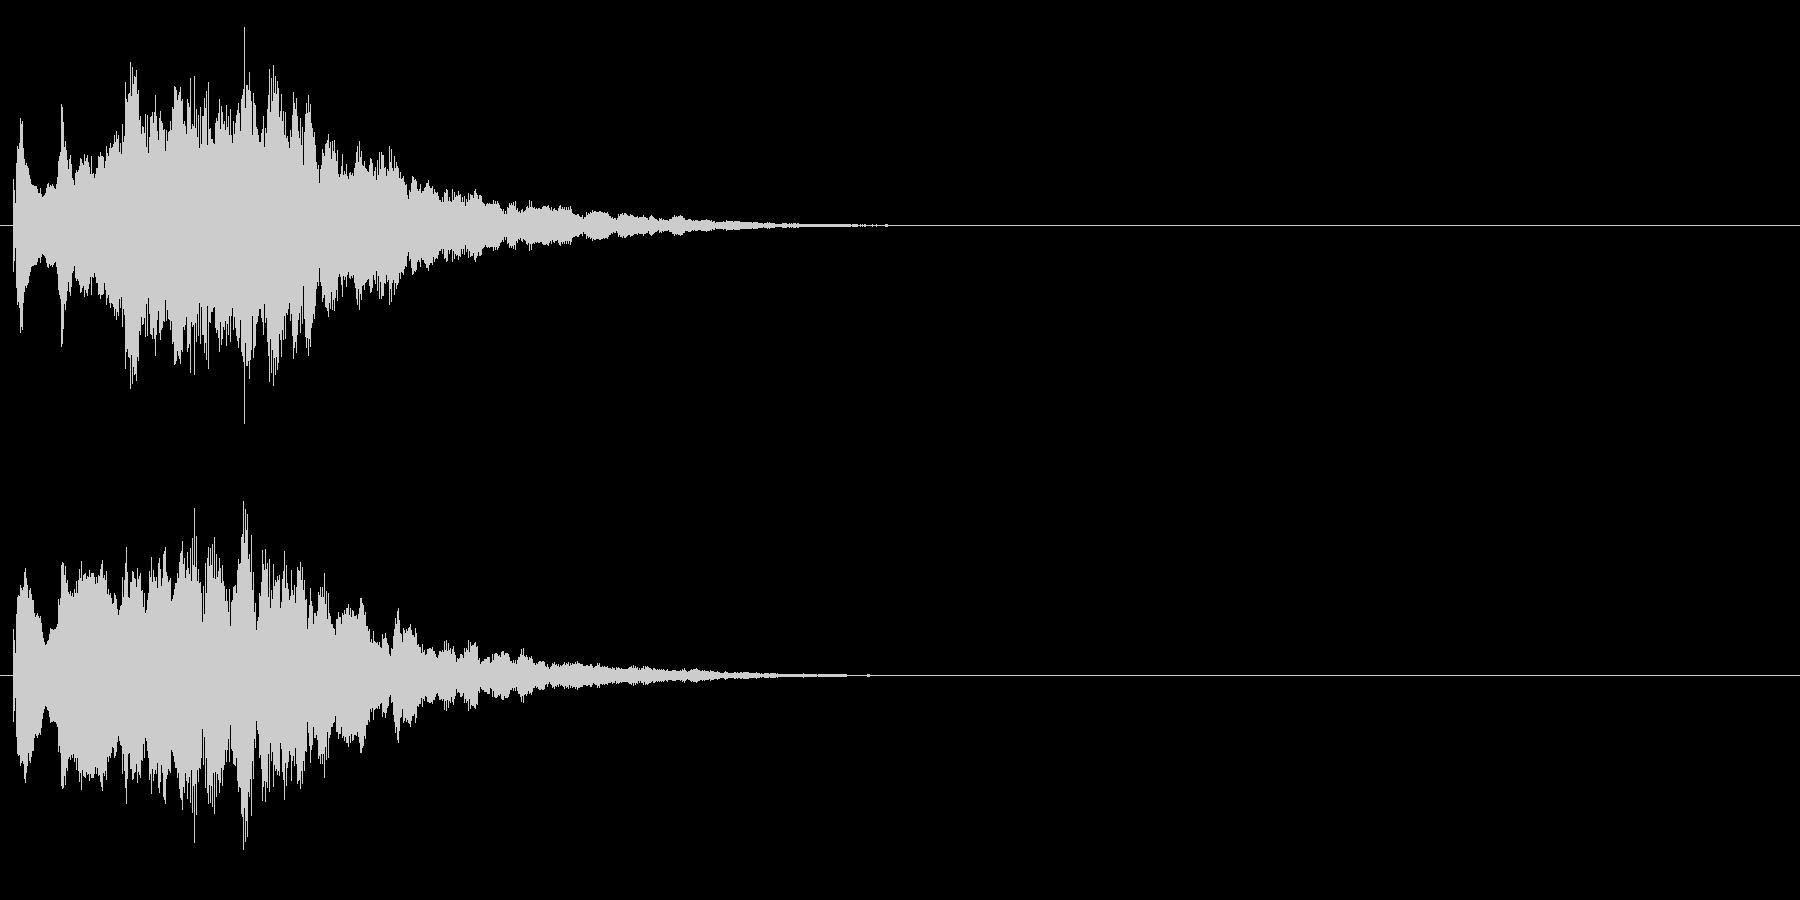 ジングル キラキラ系 その1の未再生の波形